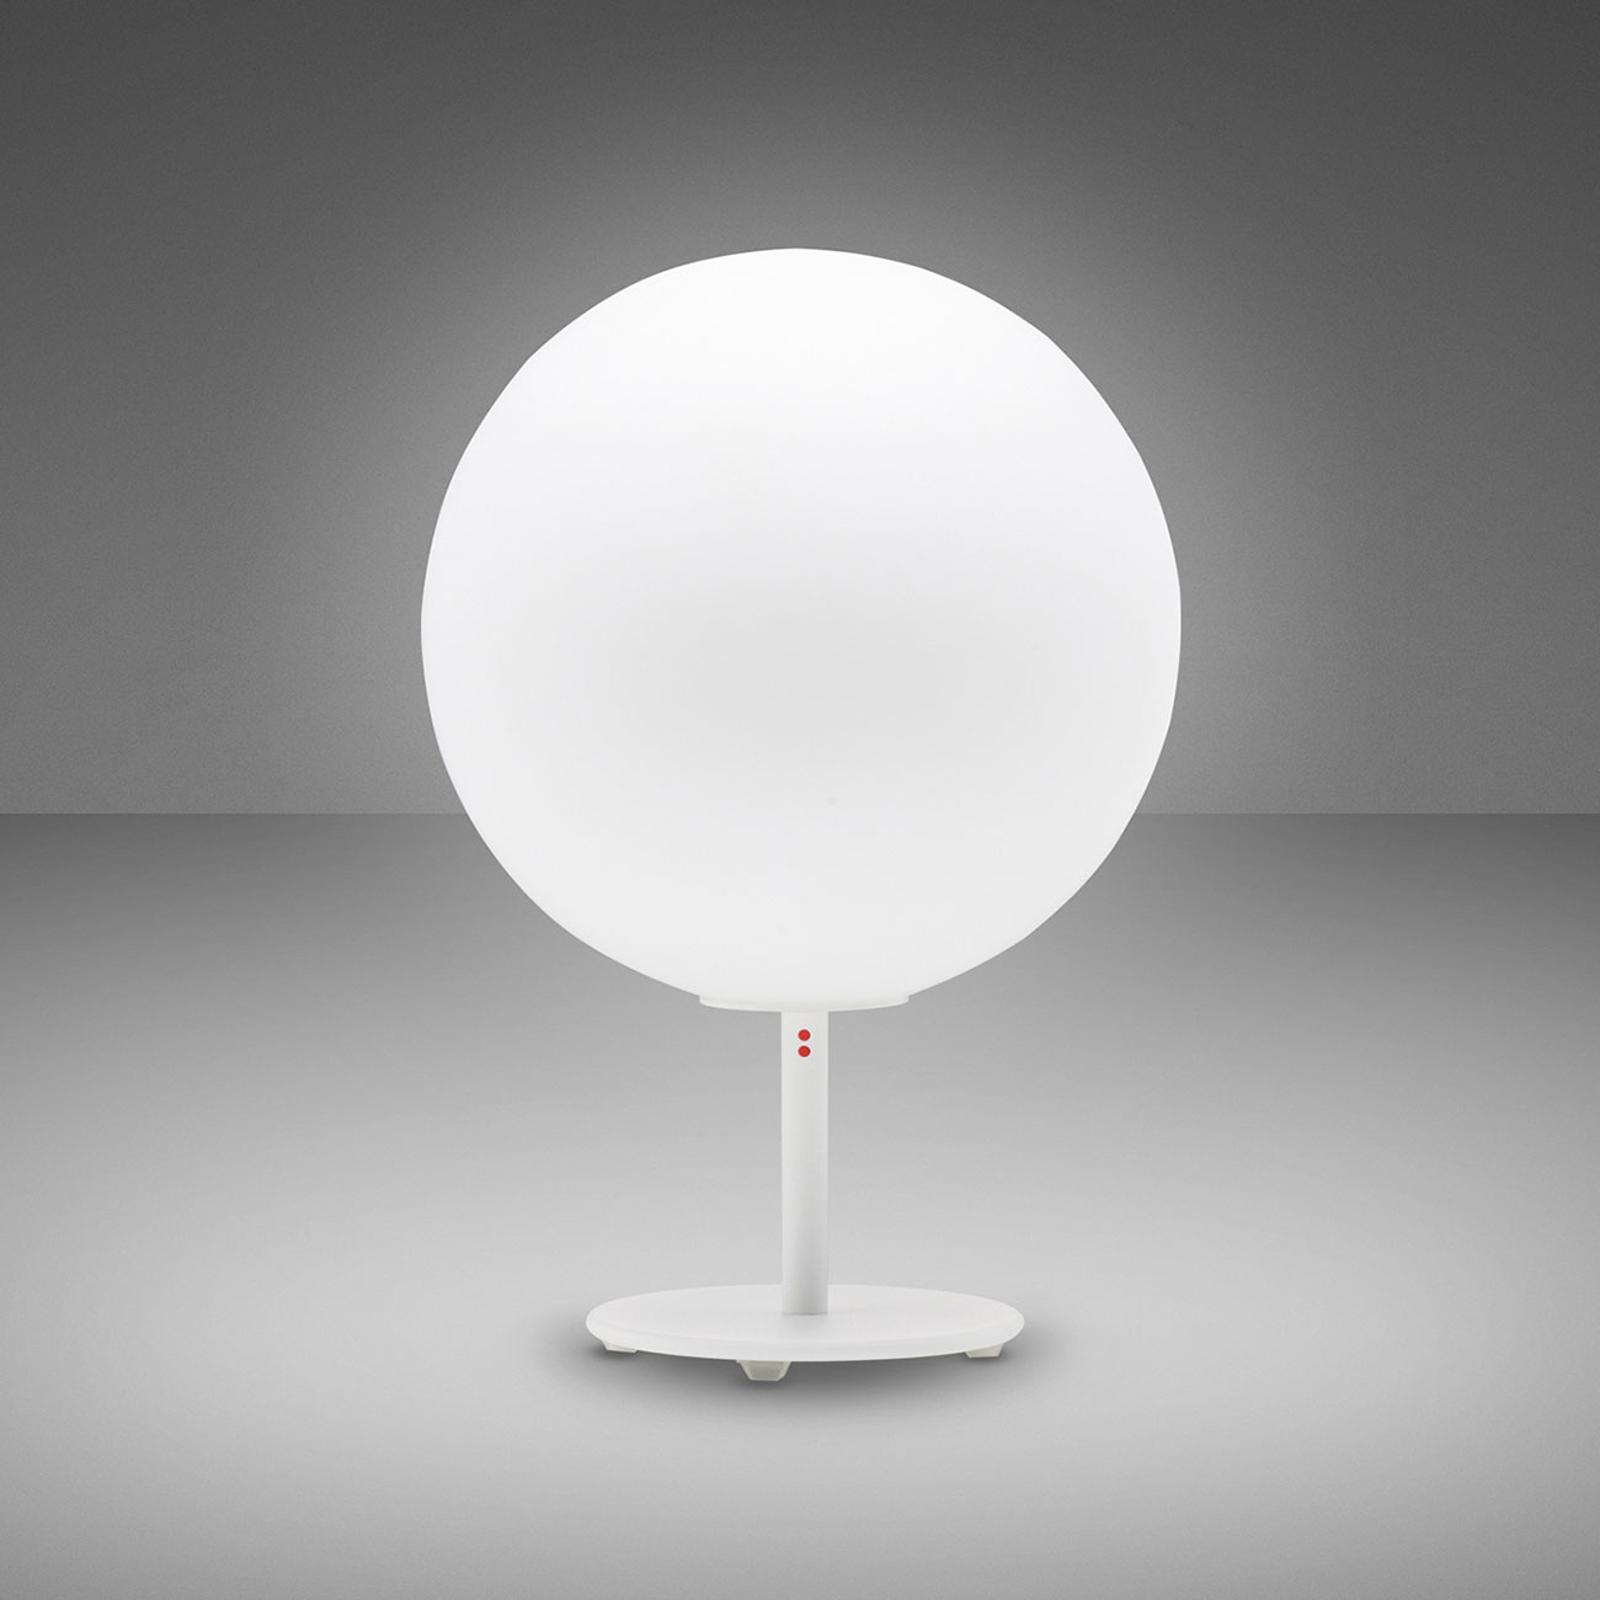 Fabbian Lumi Sfera tafellamp, staand, Ø 20 cm